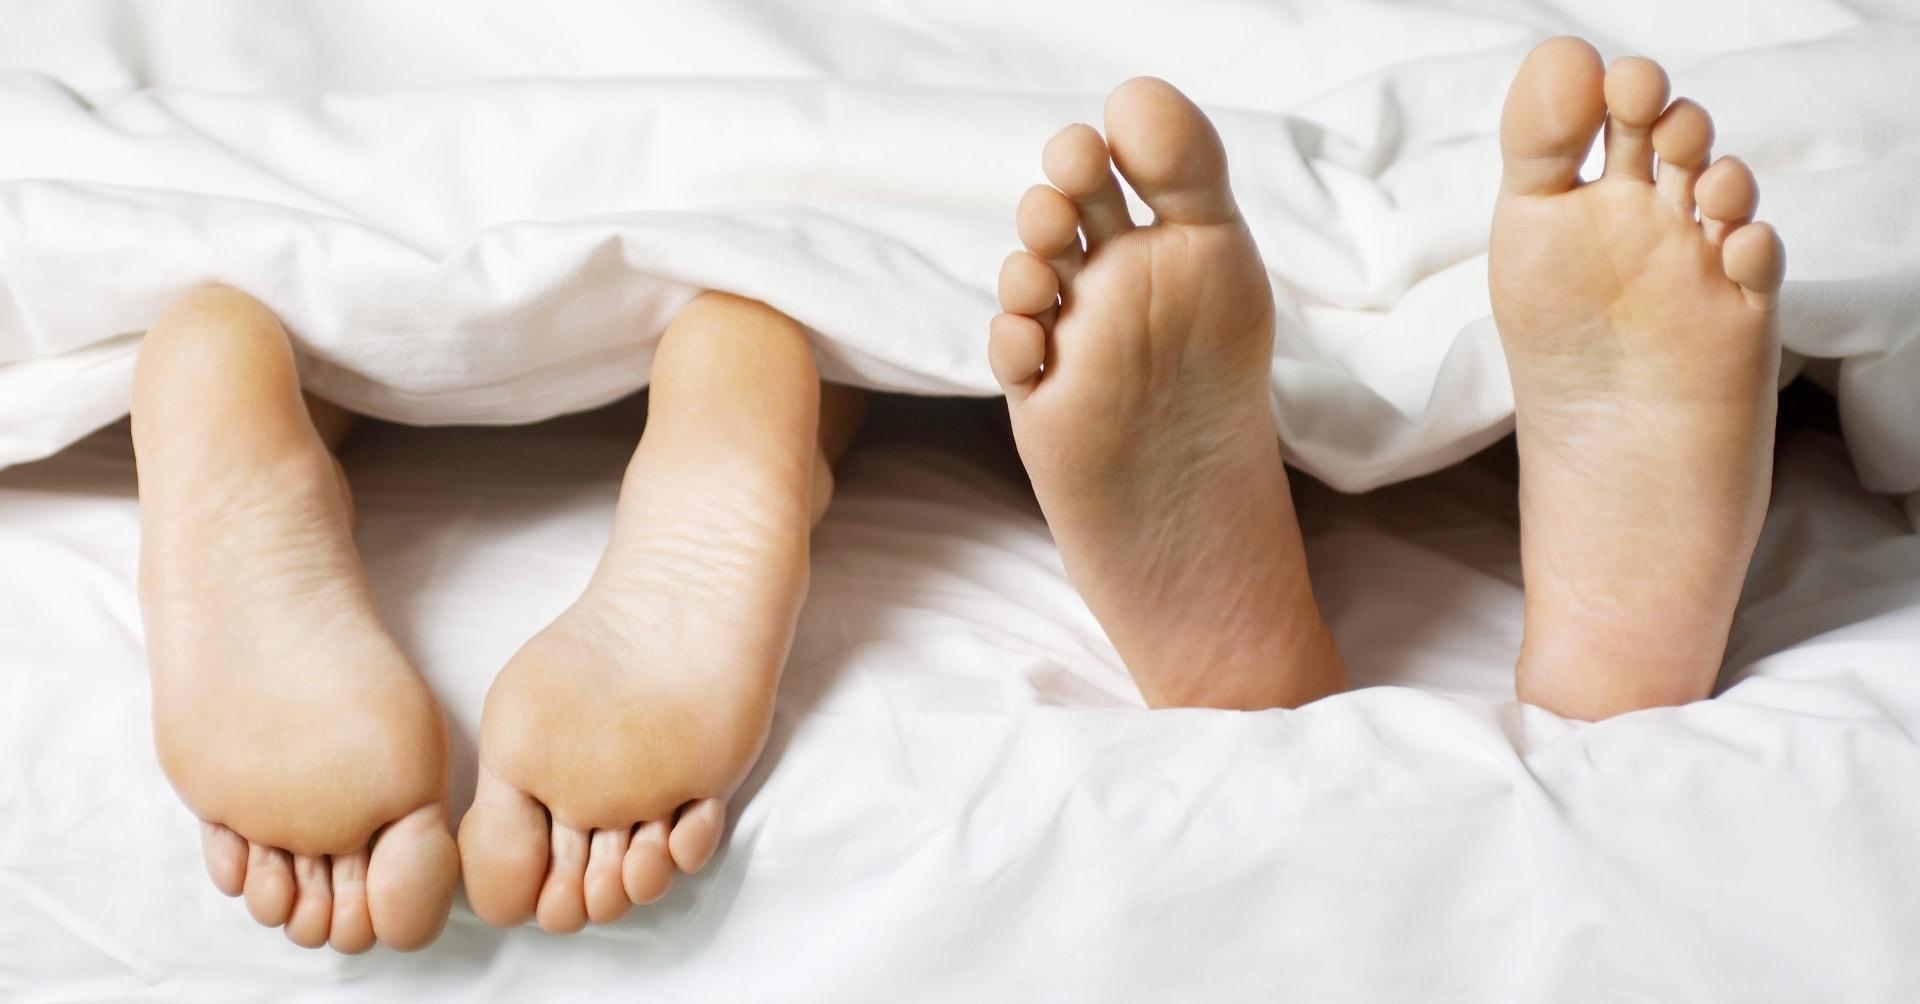 Резко коитальный климат: почему отечественную сексологию бросает то в жар, то в холод